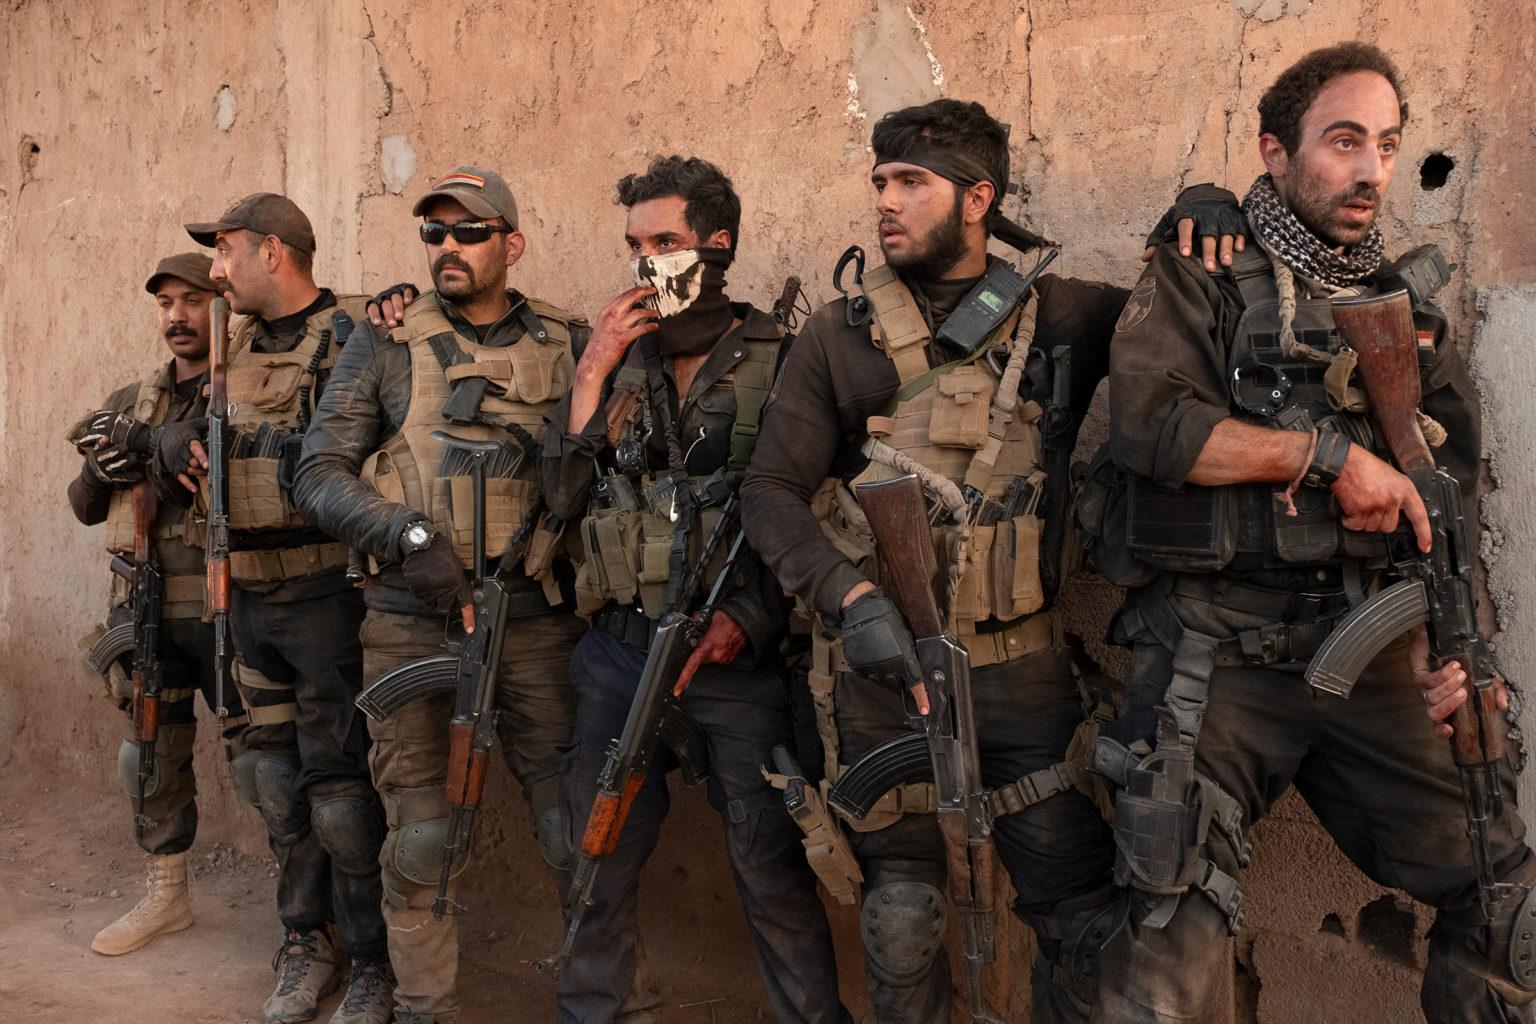 Bande-annonce explosive du film produit par les frères Russo — Mossoul